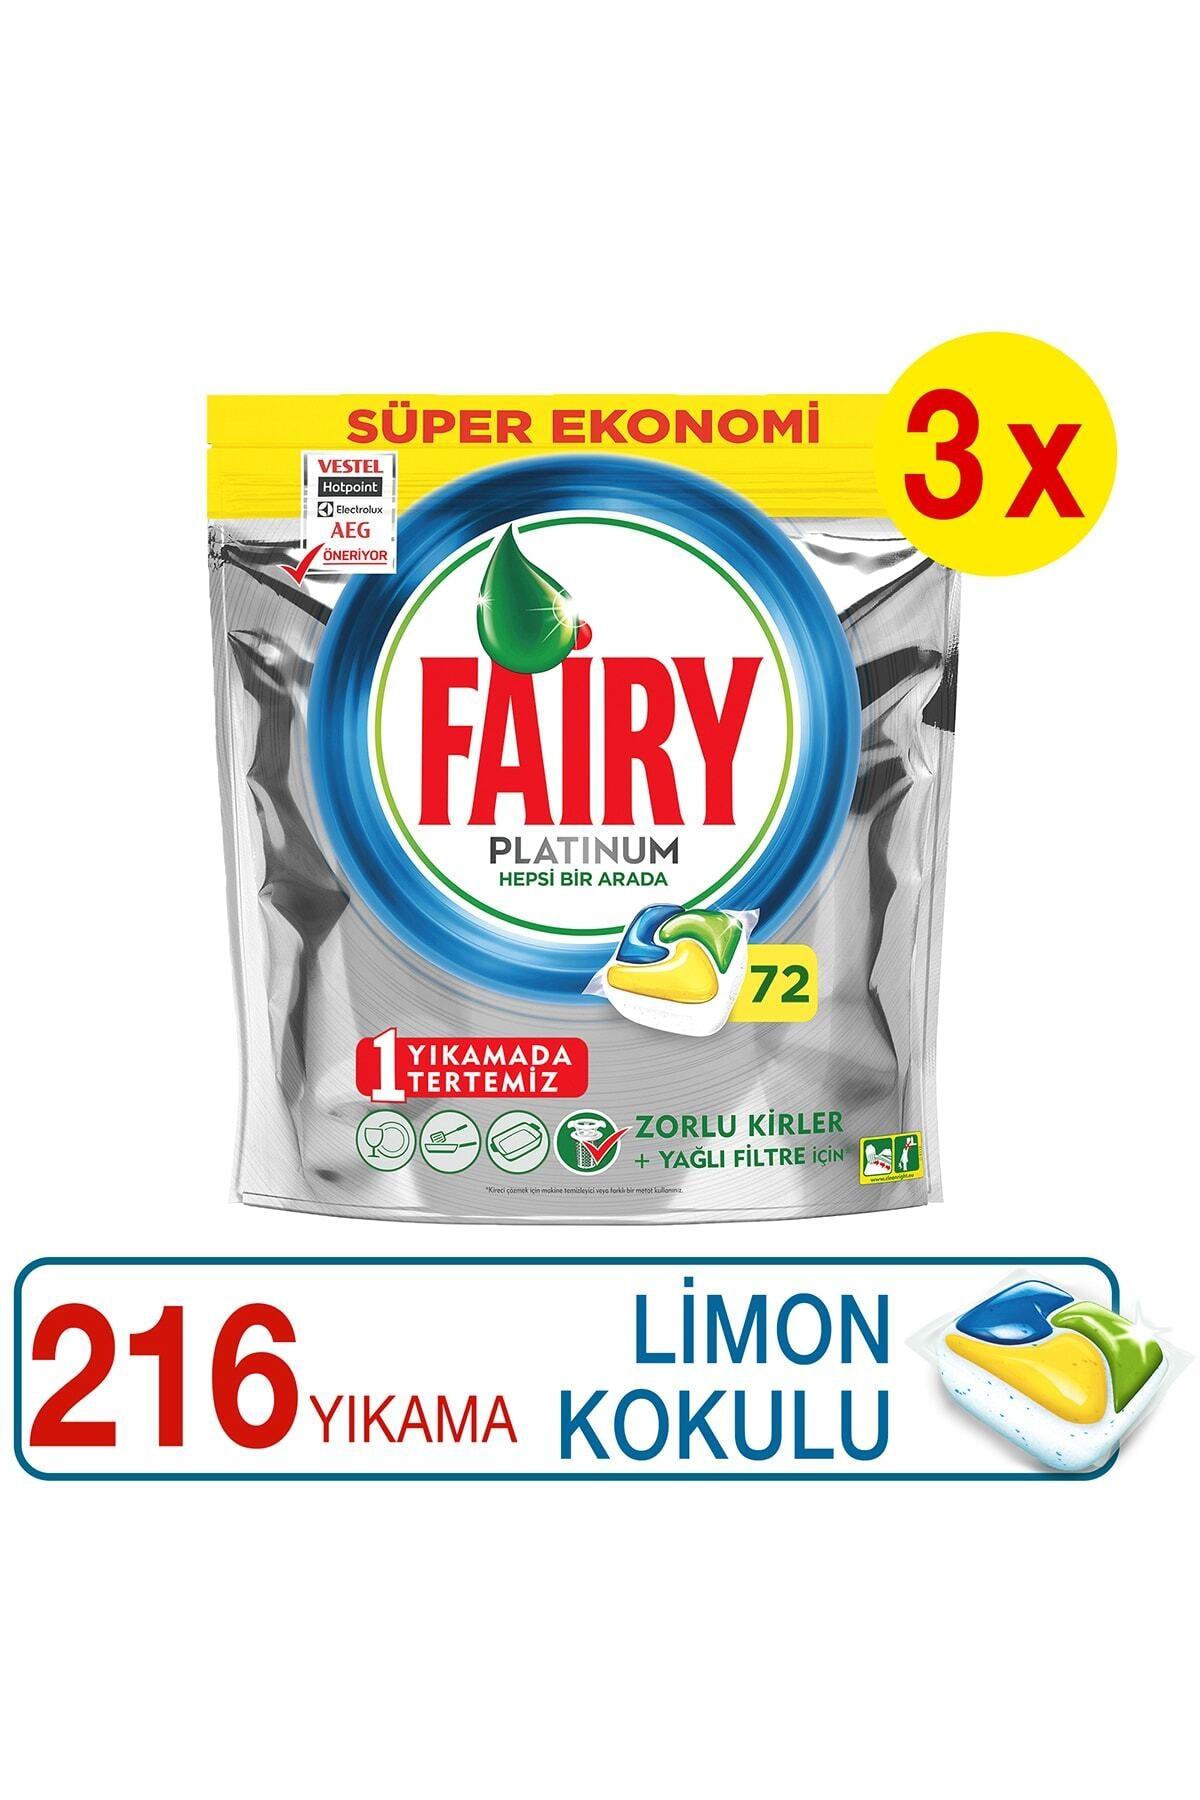 Fairy Platinum Limon Kokulu Bulaşık Makinesi Deterjanı Kapsülü  72 Yıkama x3 Adet 2